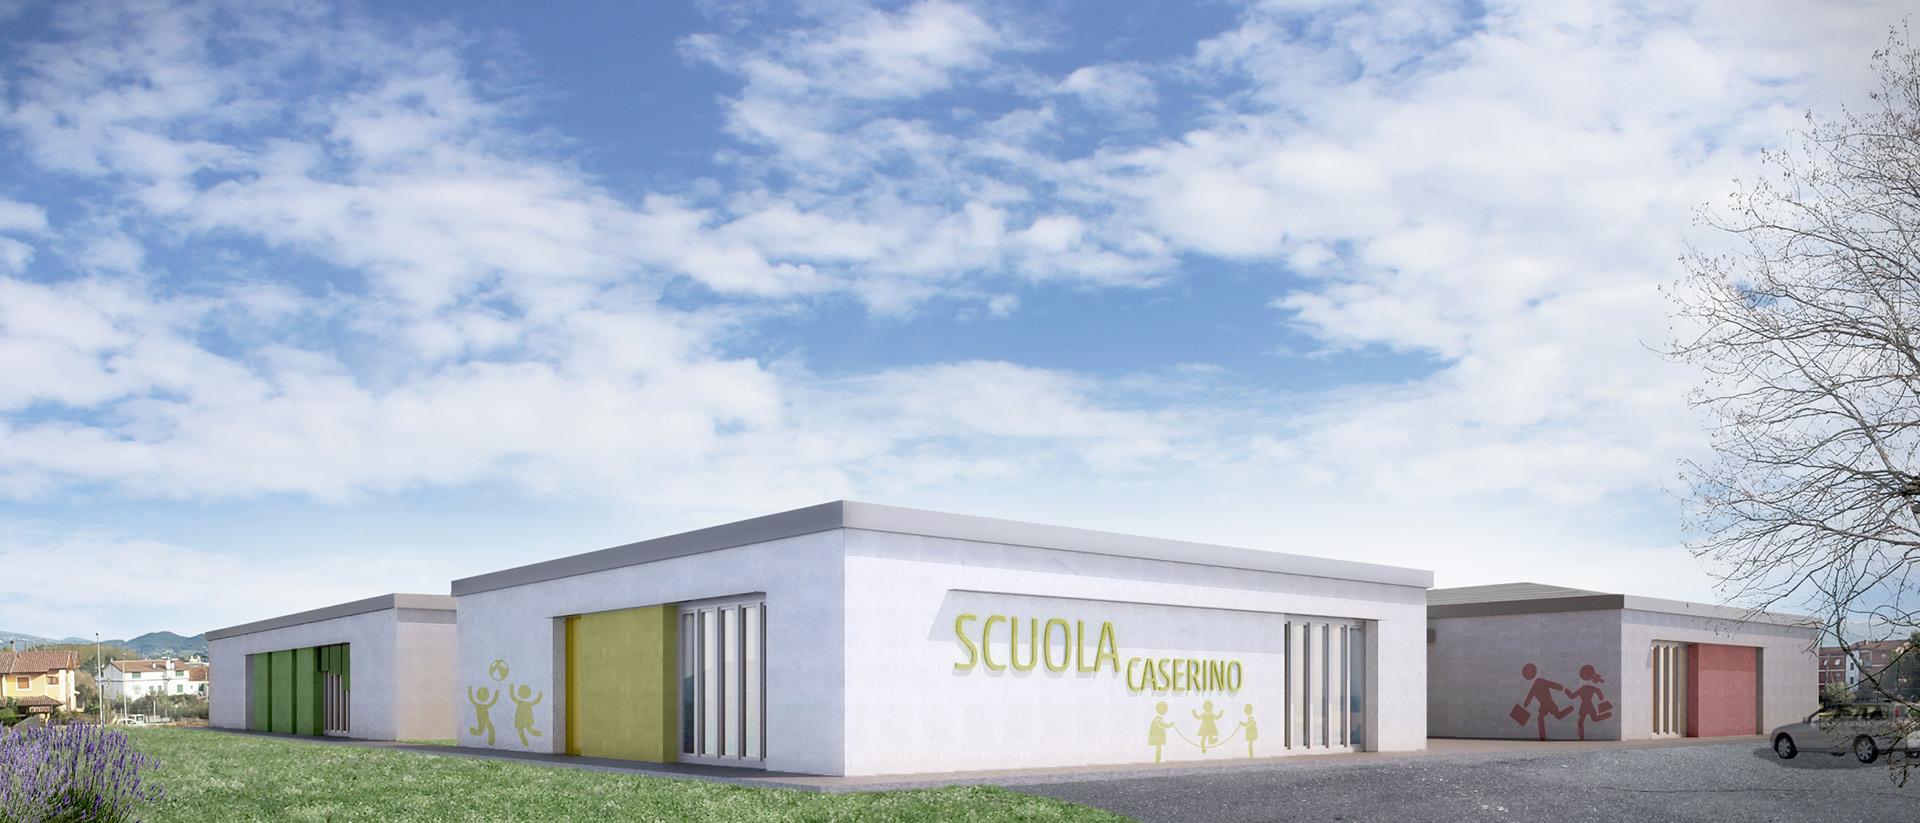 Exup_Scuola-Caserino_render-esterno